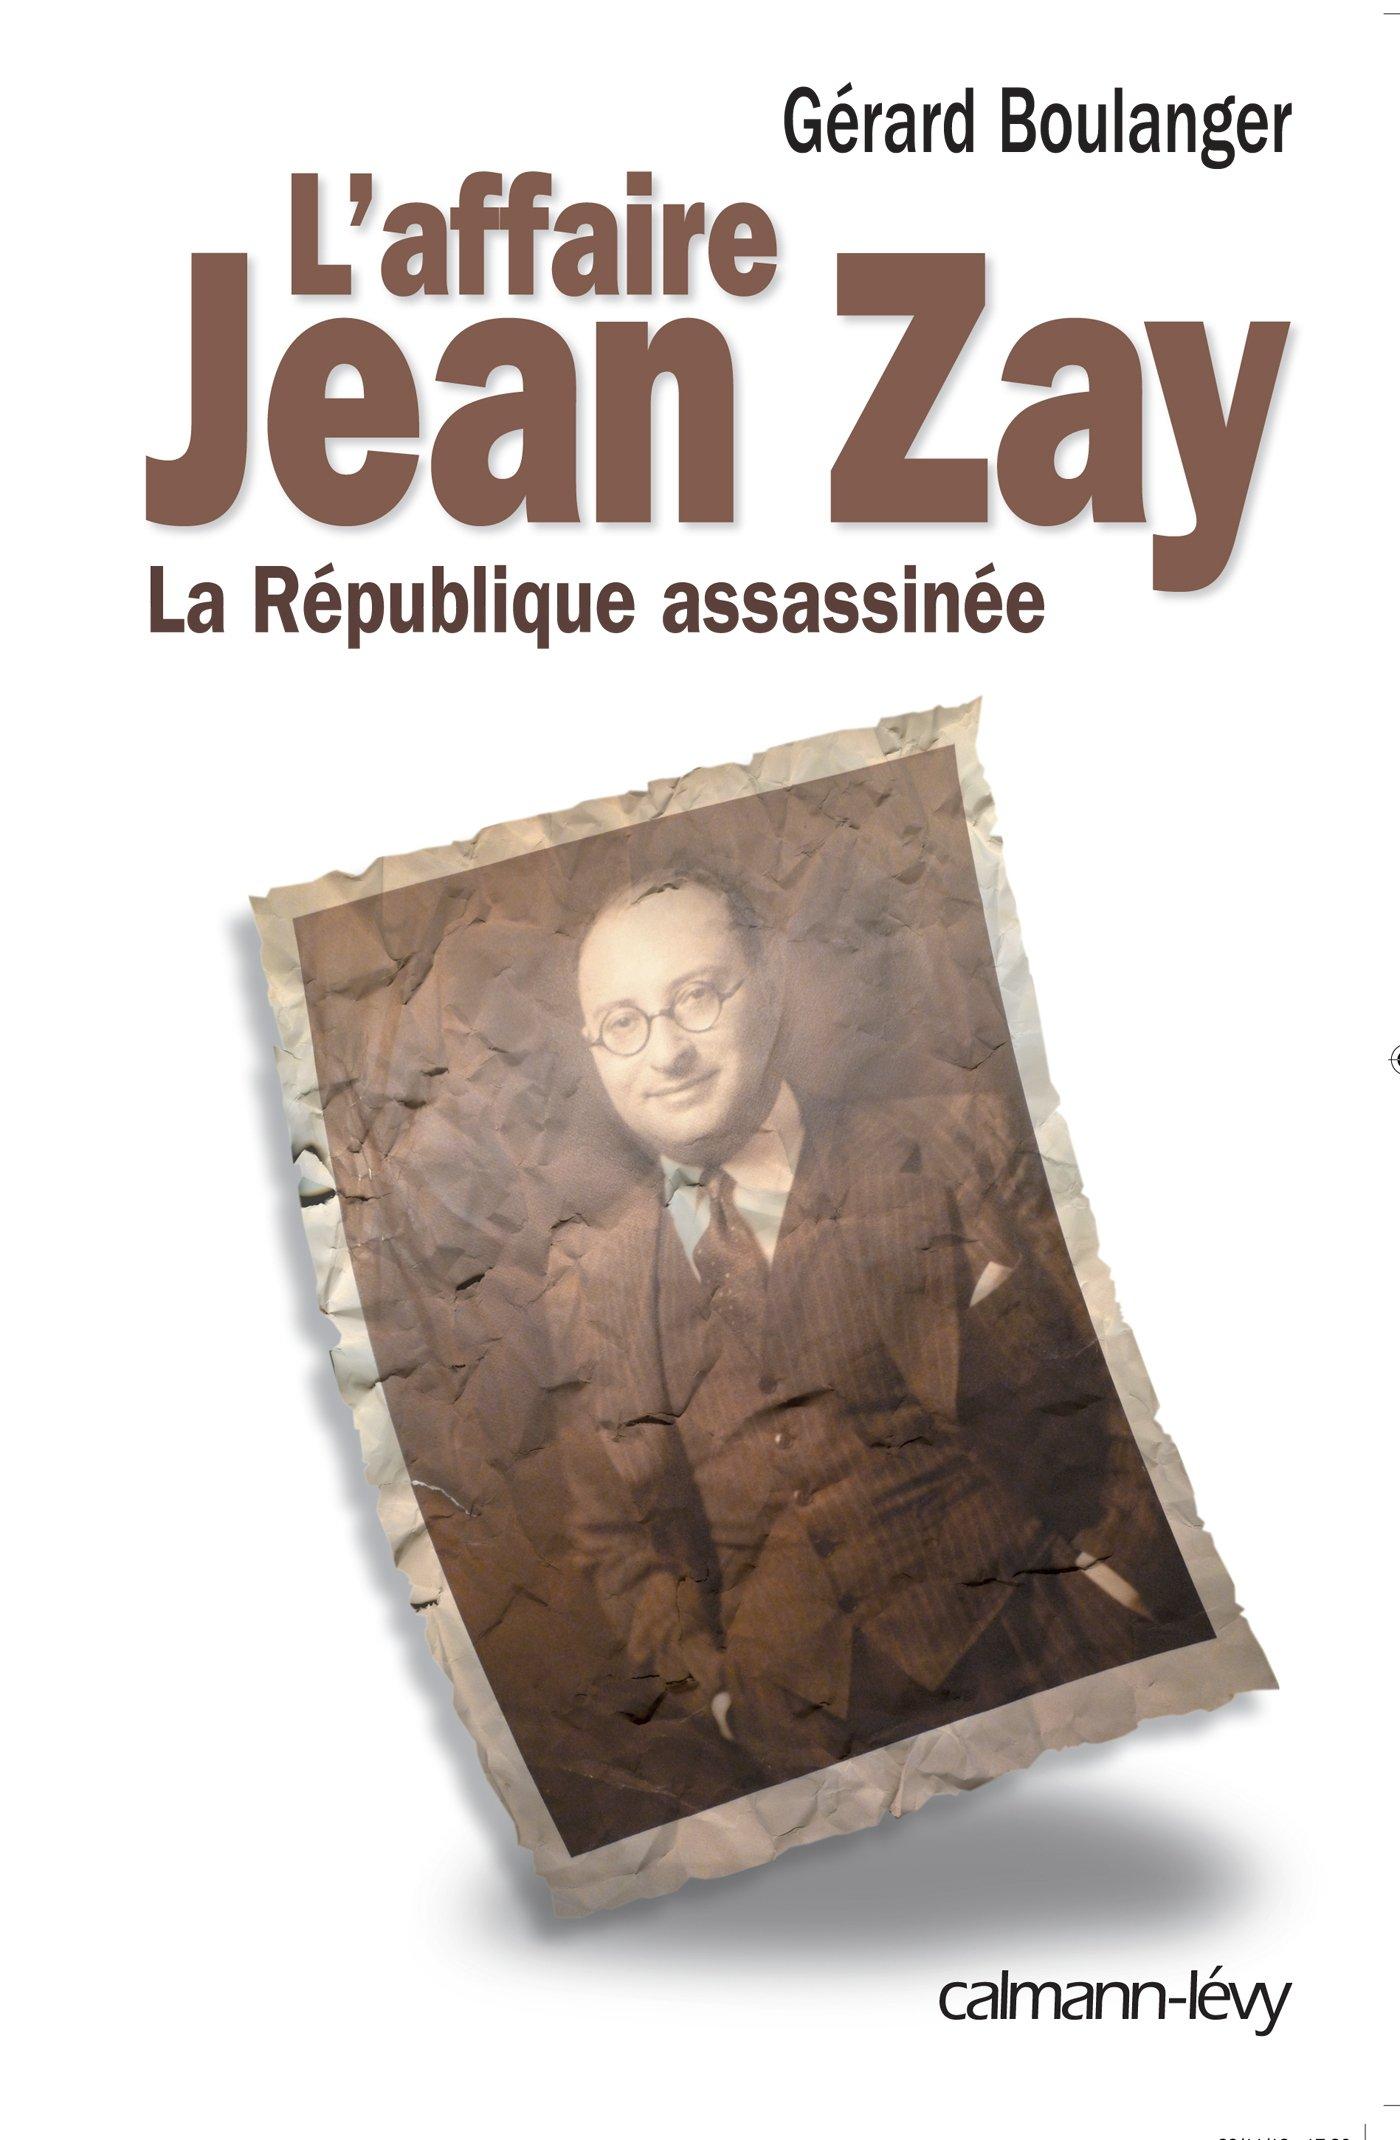 Amazon.fr - LAffaire Jean Zay: La République assassinée - Maître Gérard Boulanger - Livres